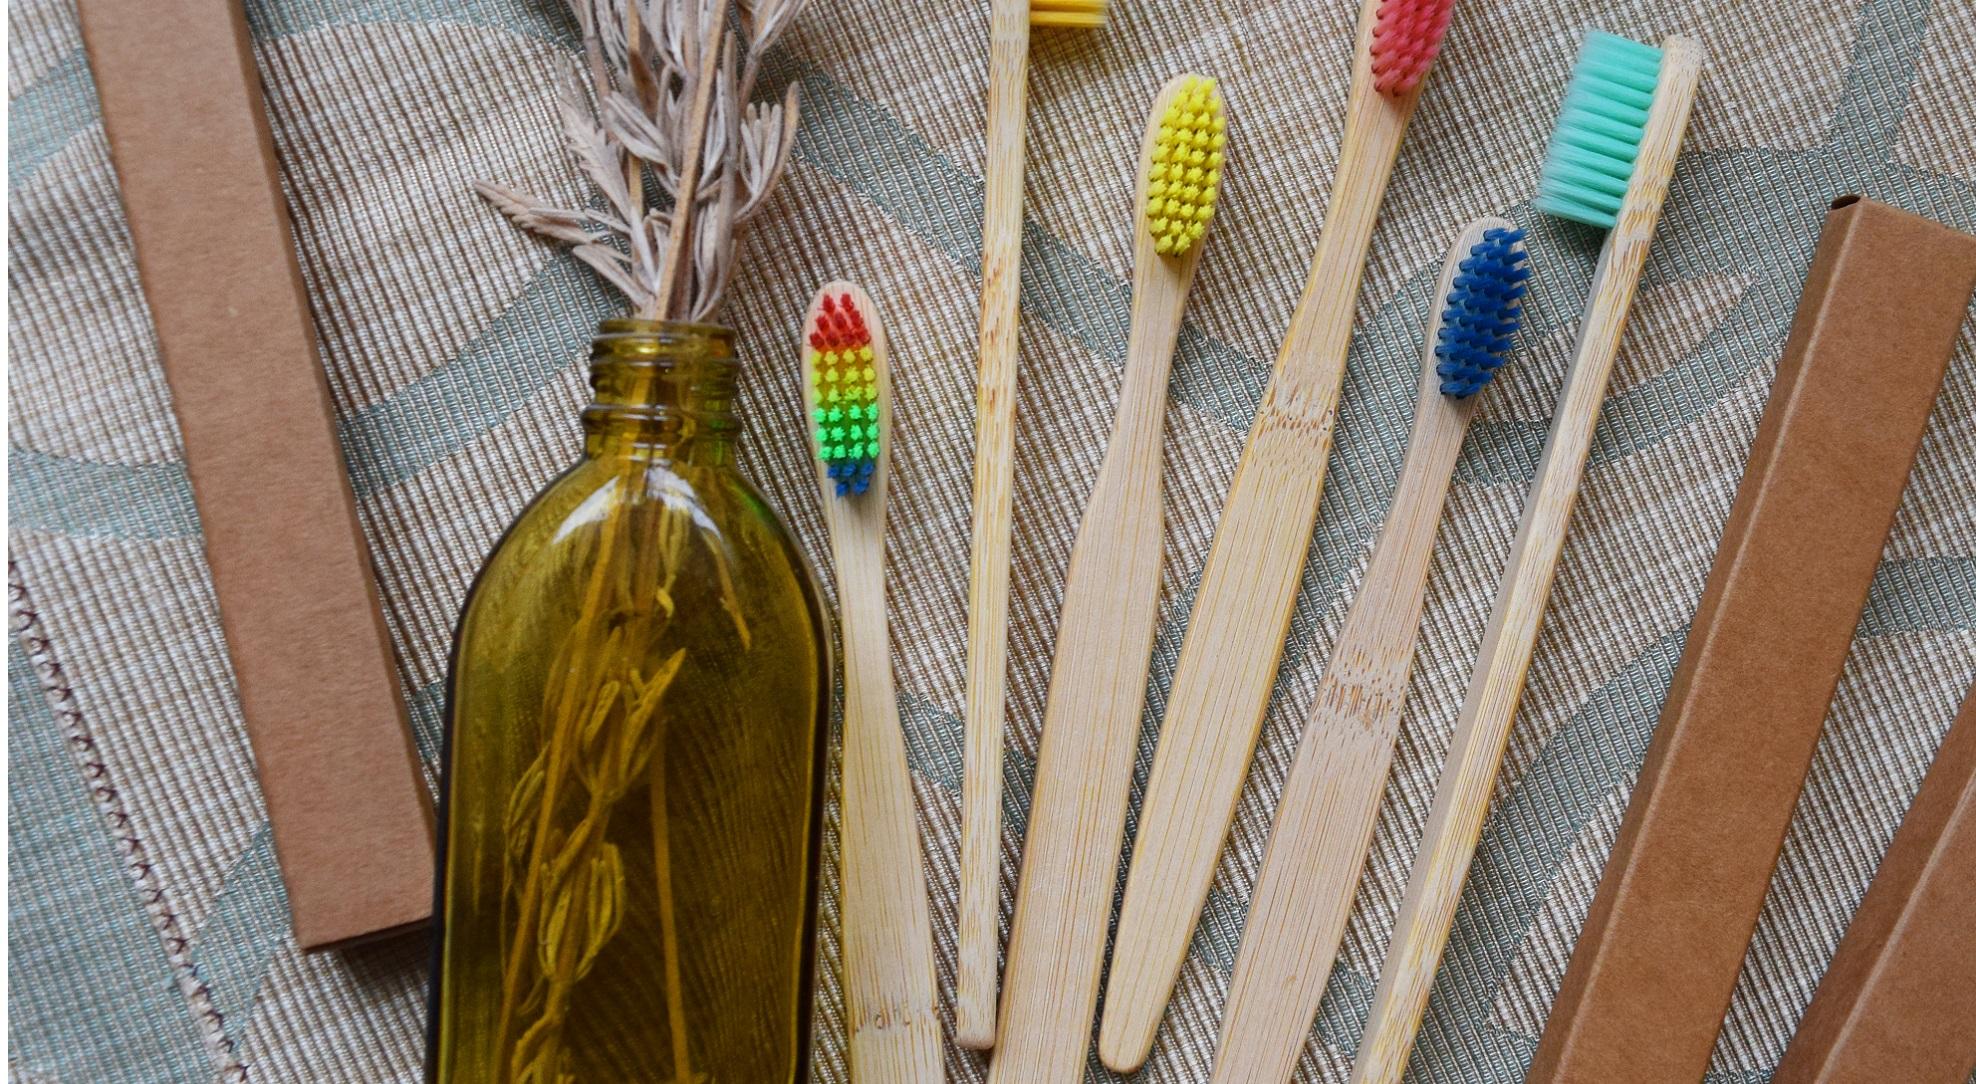 Какую зубную щетку выбрать: бамбуковую или пластиковую?